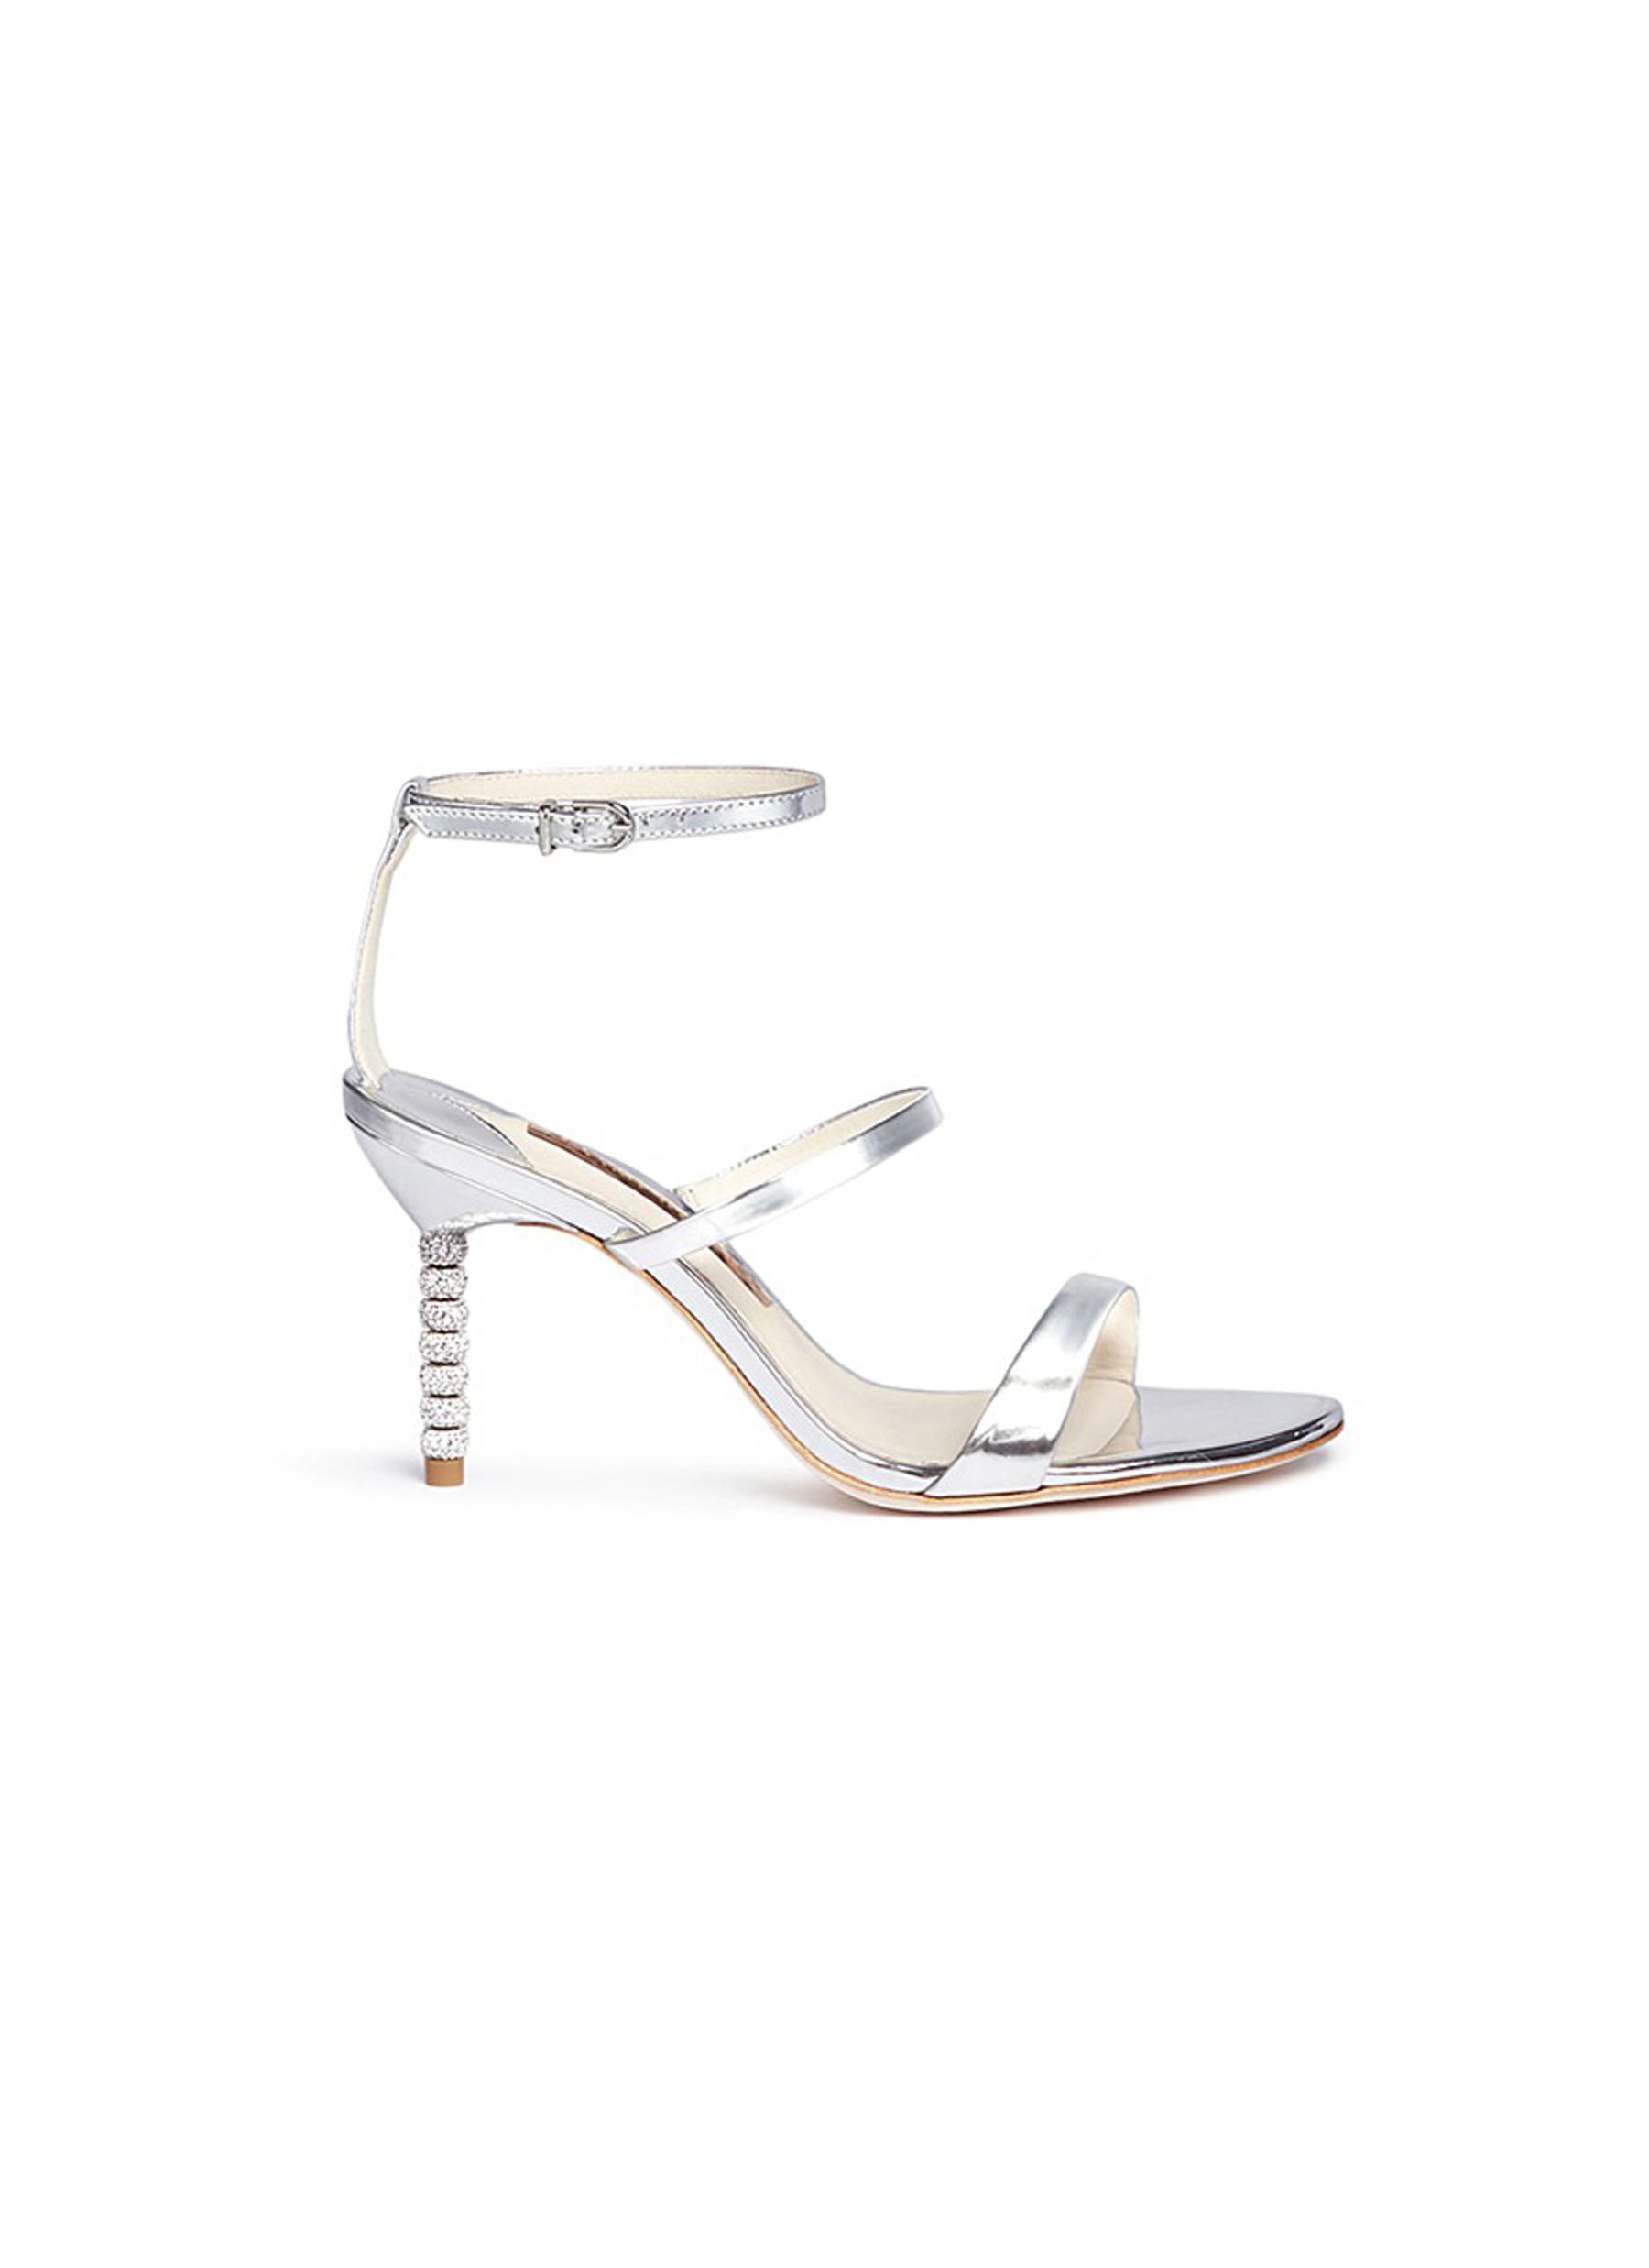 Rosalind crystal pavé bead heel mirror leather sandals by Sophia Webster